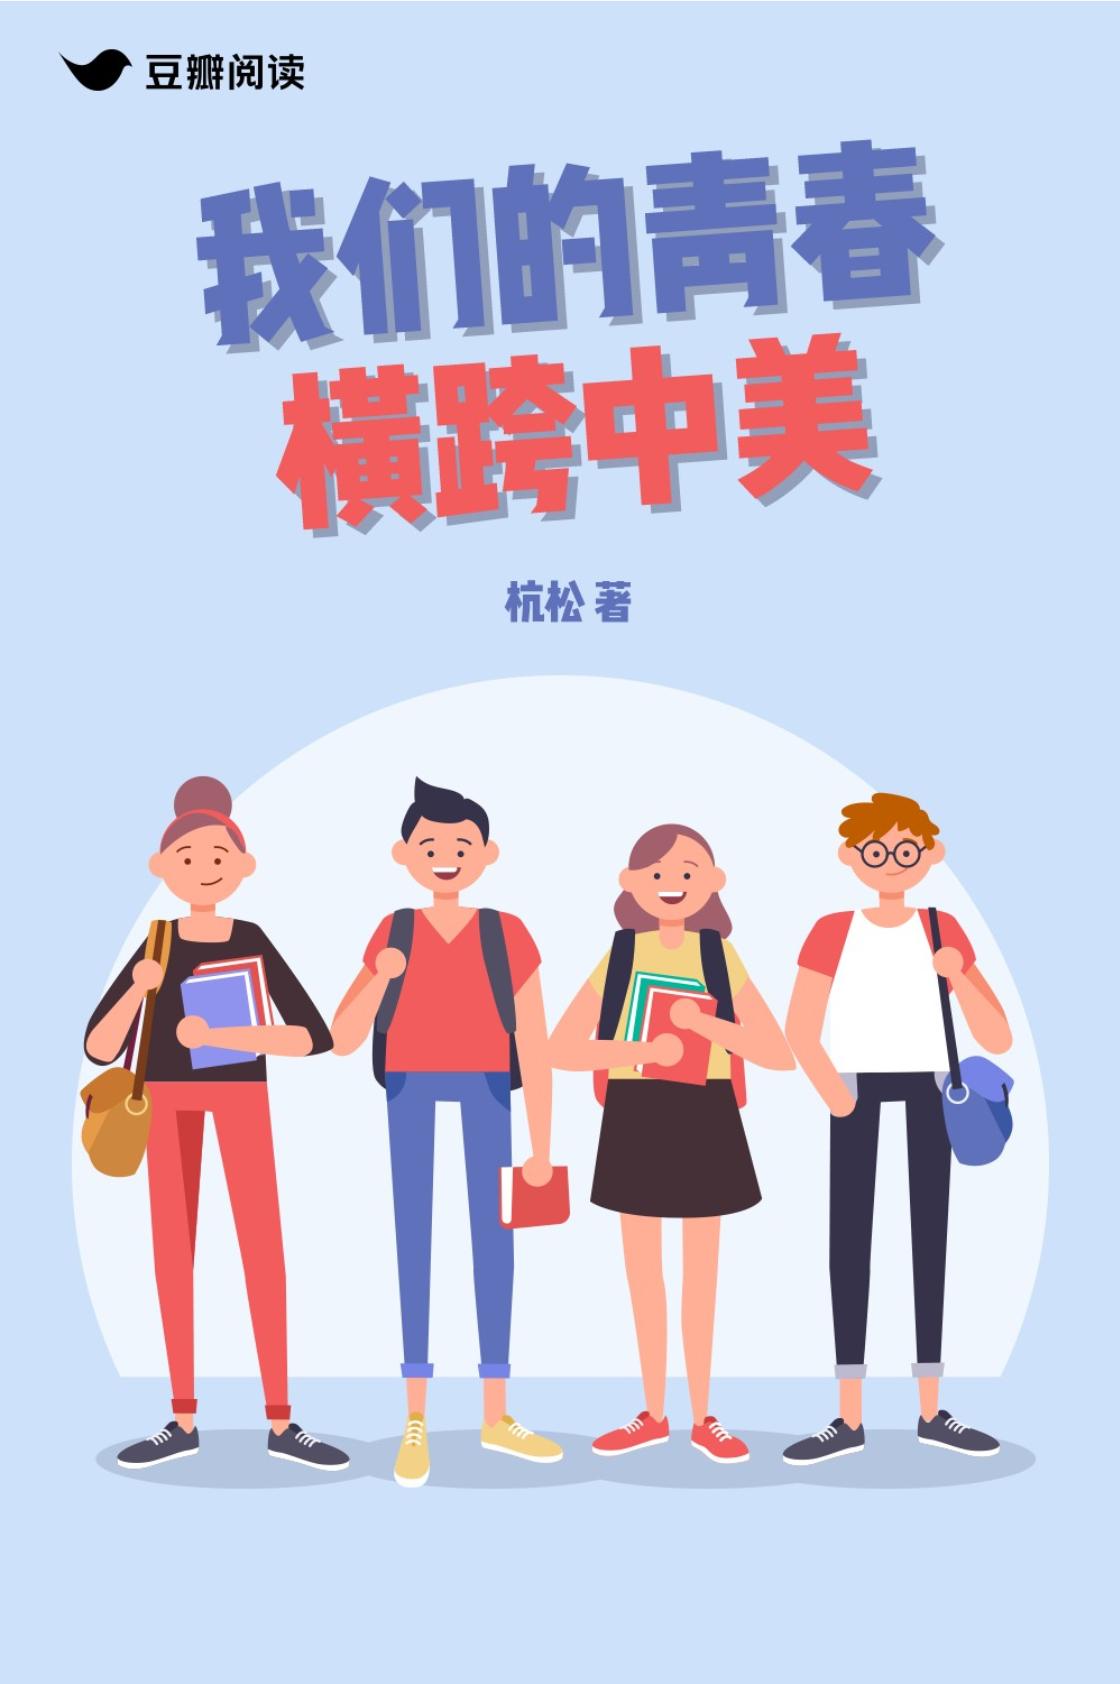 《我们的青春横跨中美》   2019年7月  开始连载